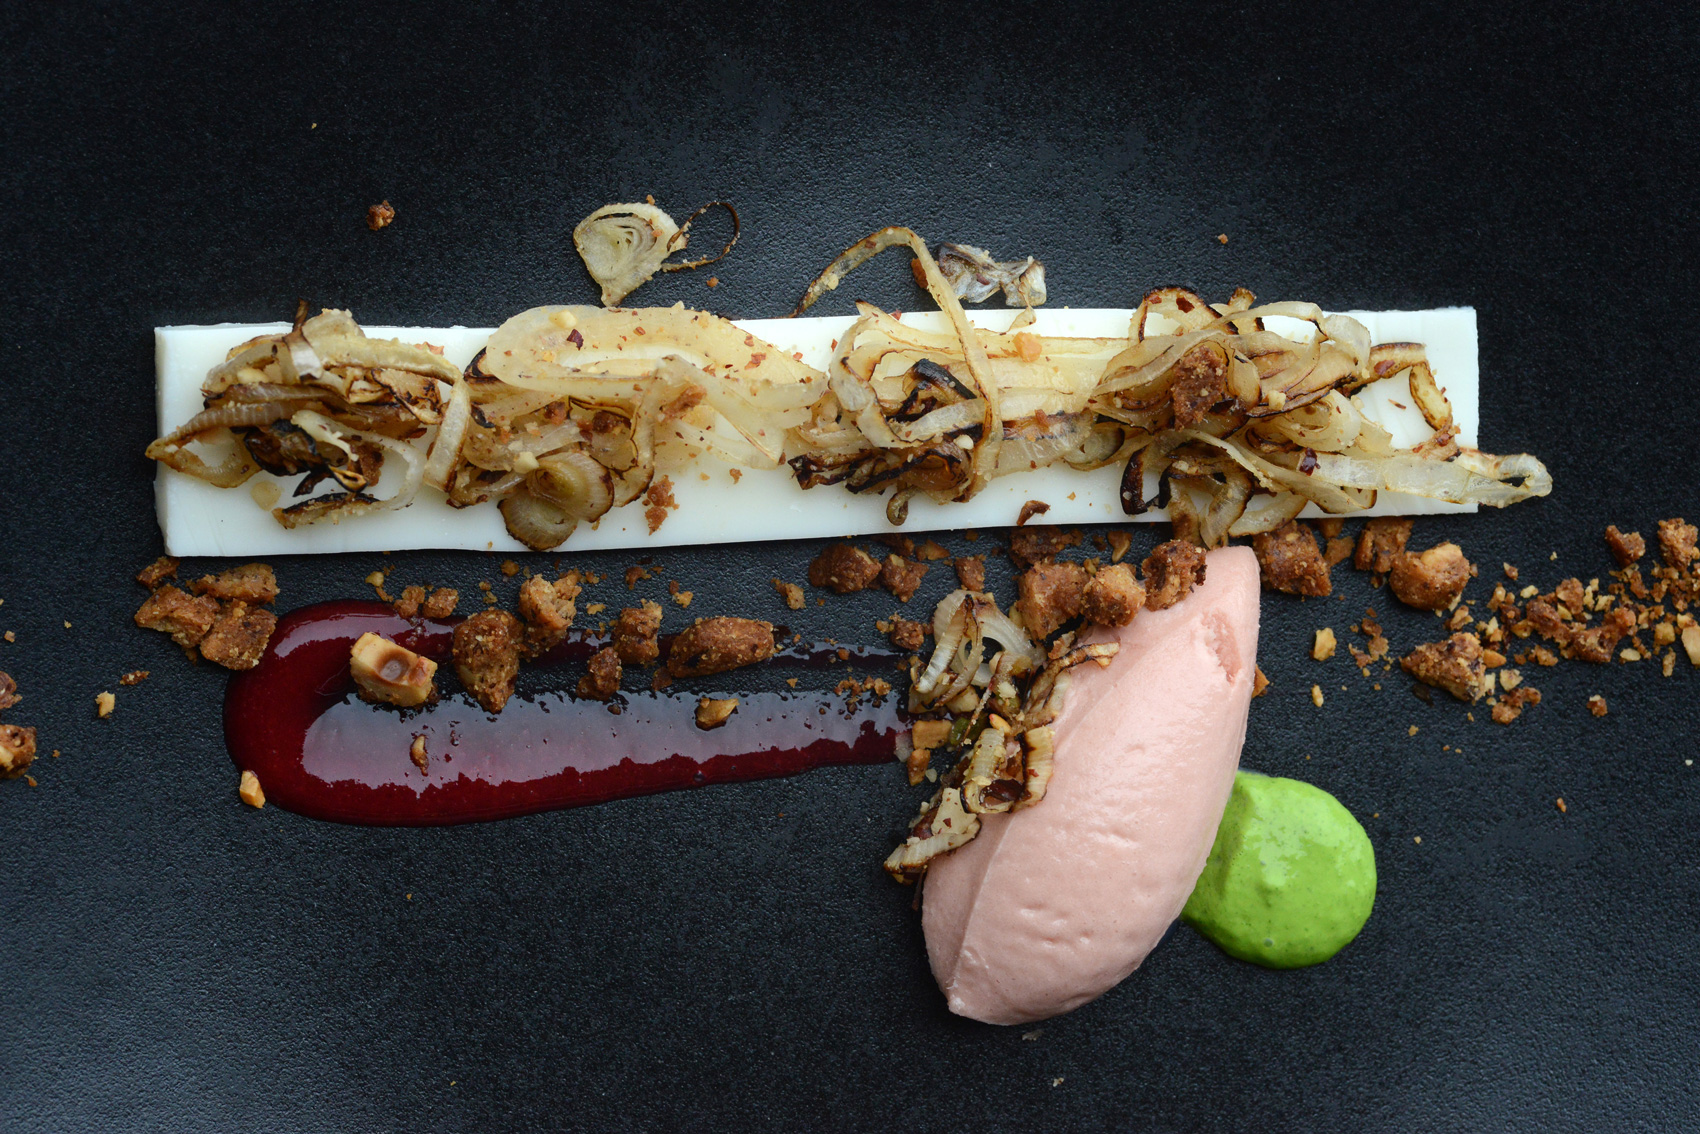 Panna cotta aux oignons doux des Cévennes, crumble à la noisette et sorbet à la tomate Recette du chef Romain Salamone – Restaurant Sensation, Lattes